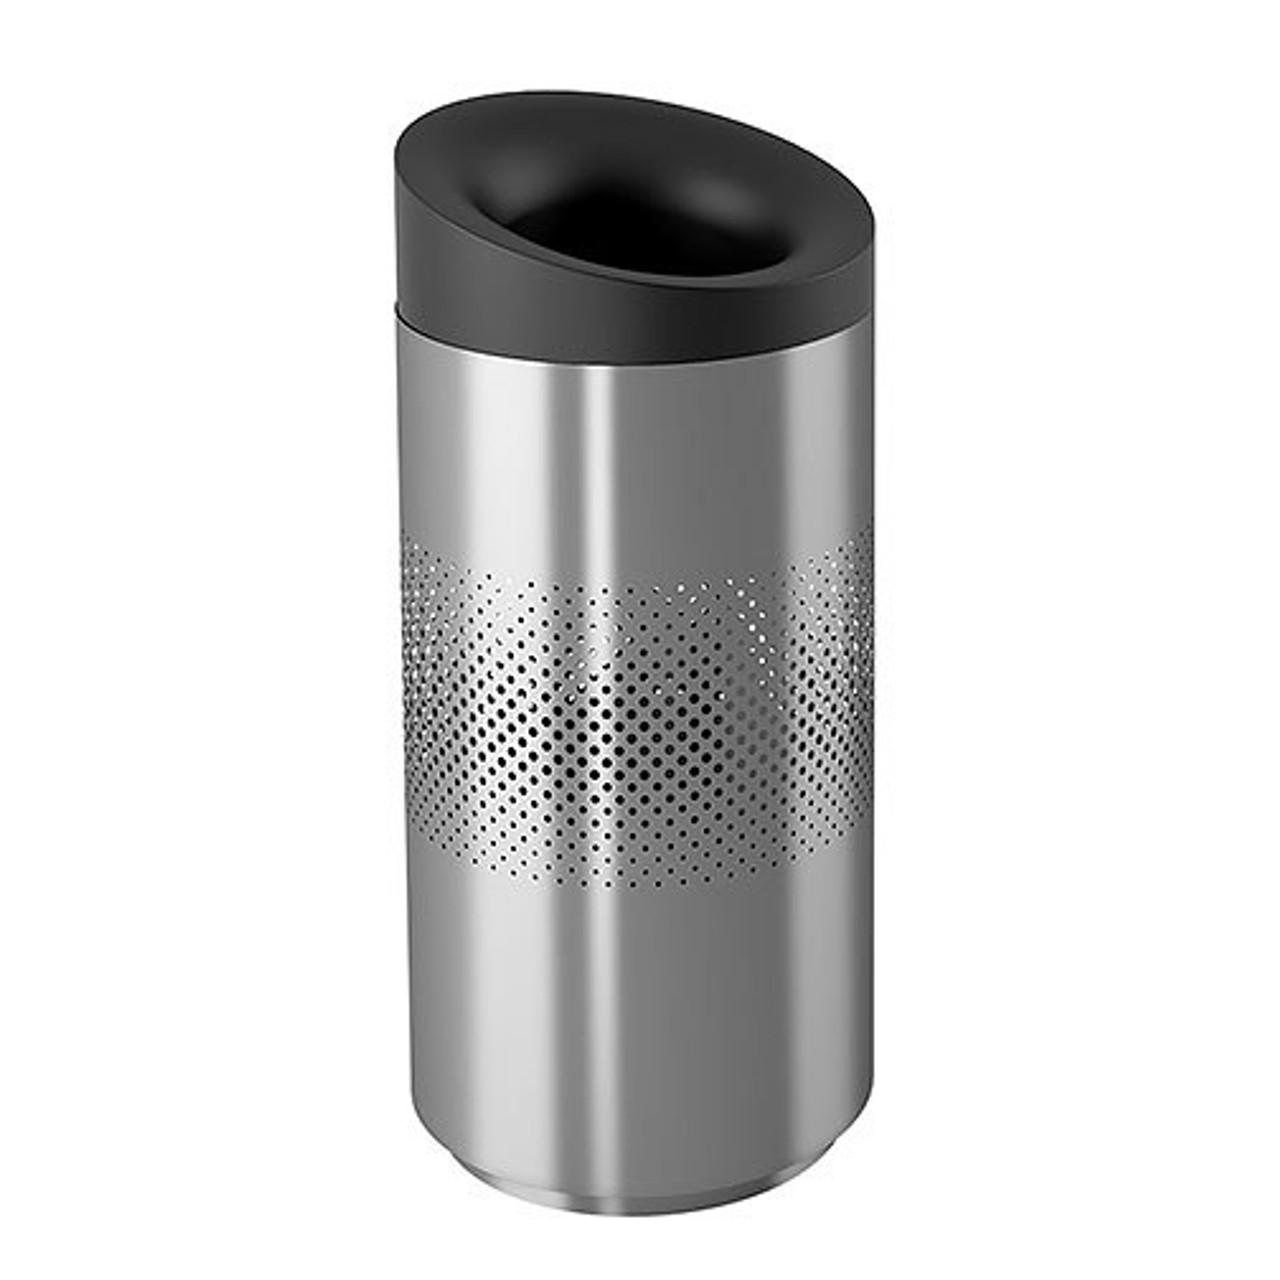 Peter Pepper Tilt Trash Cans